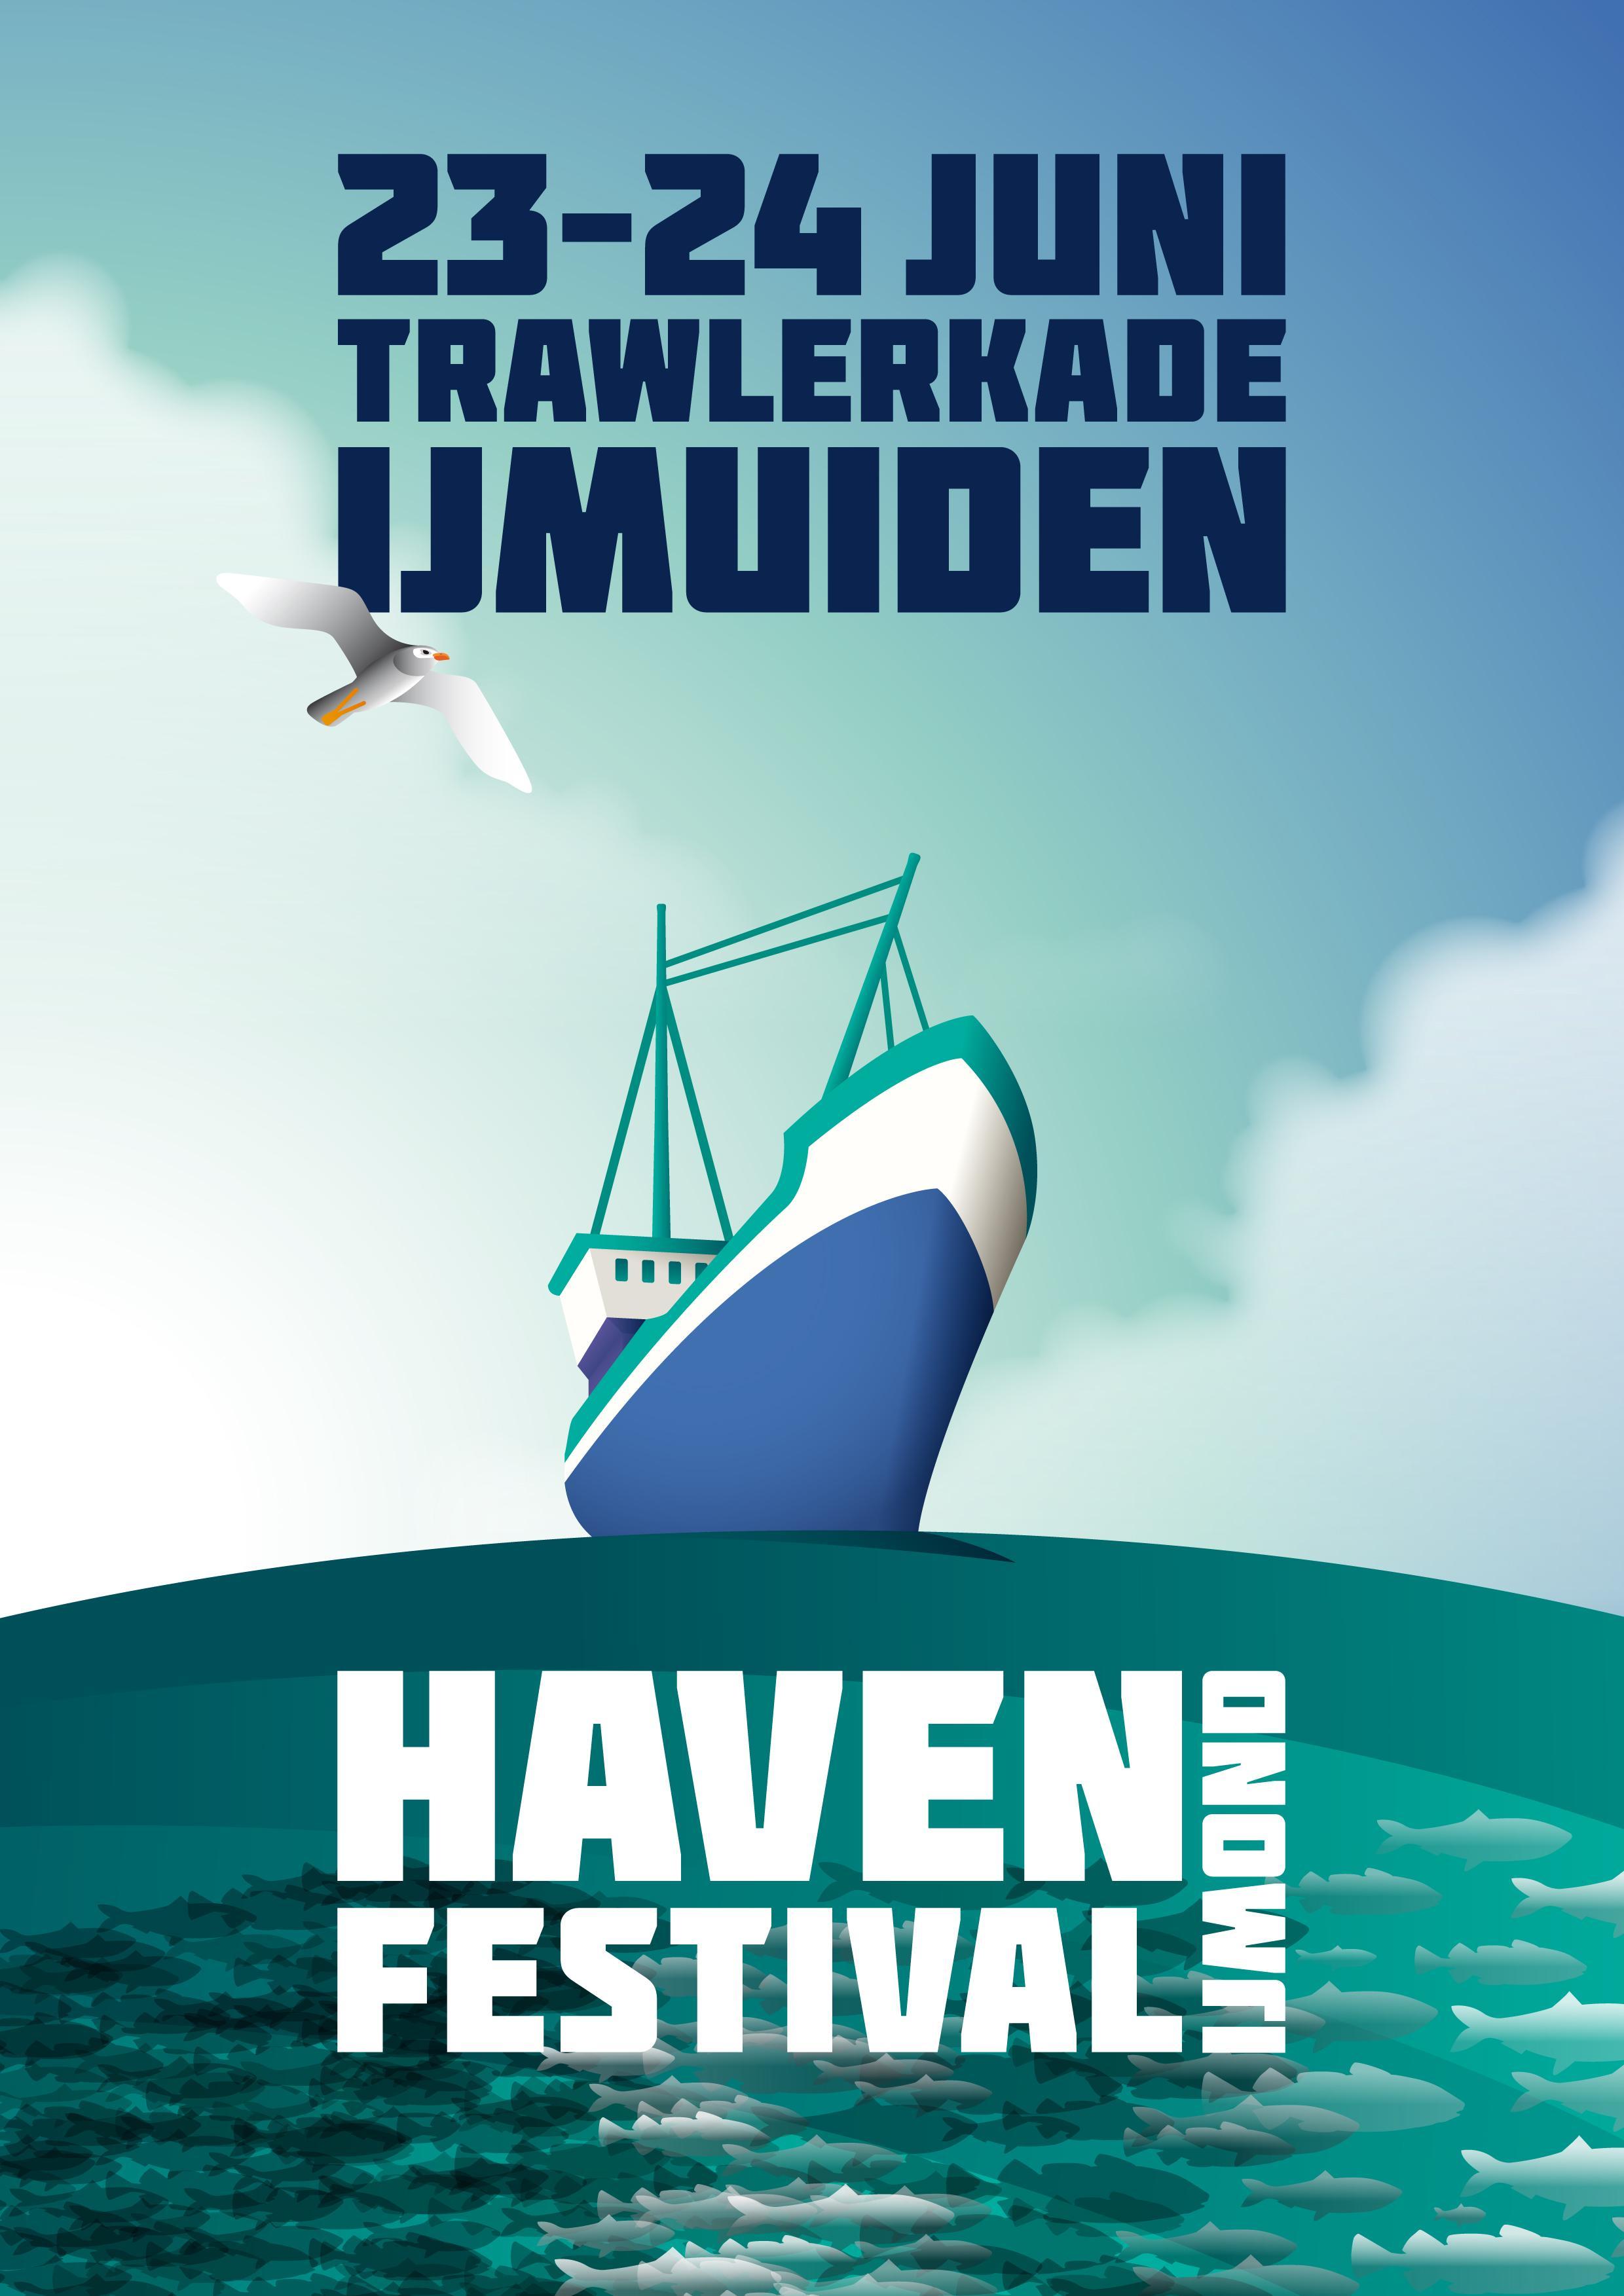 Vis, cultuur en feest op Havenfestival in IJmuiden